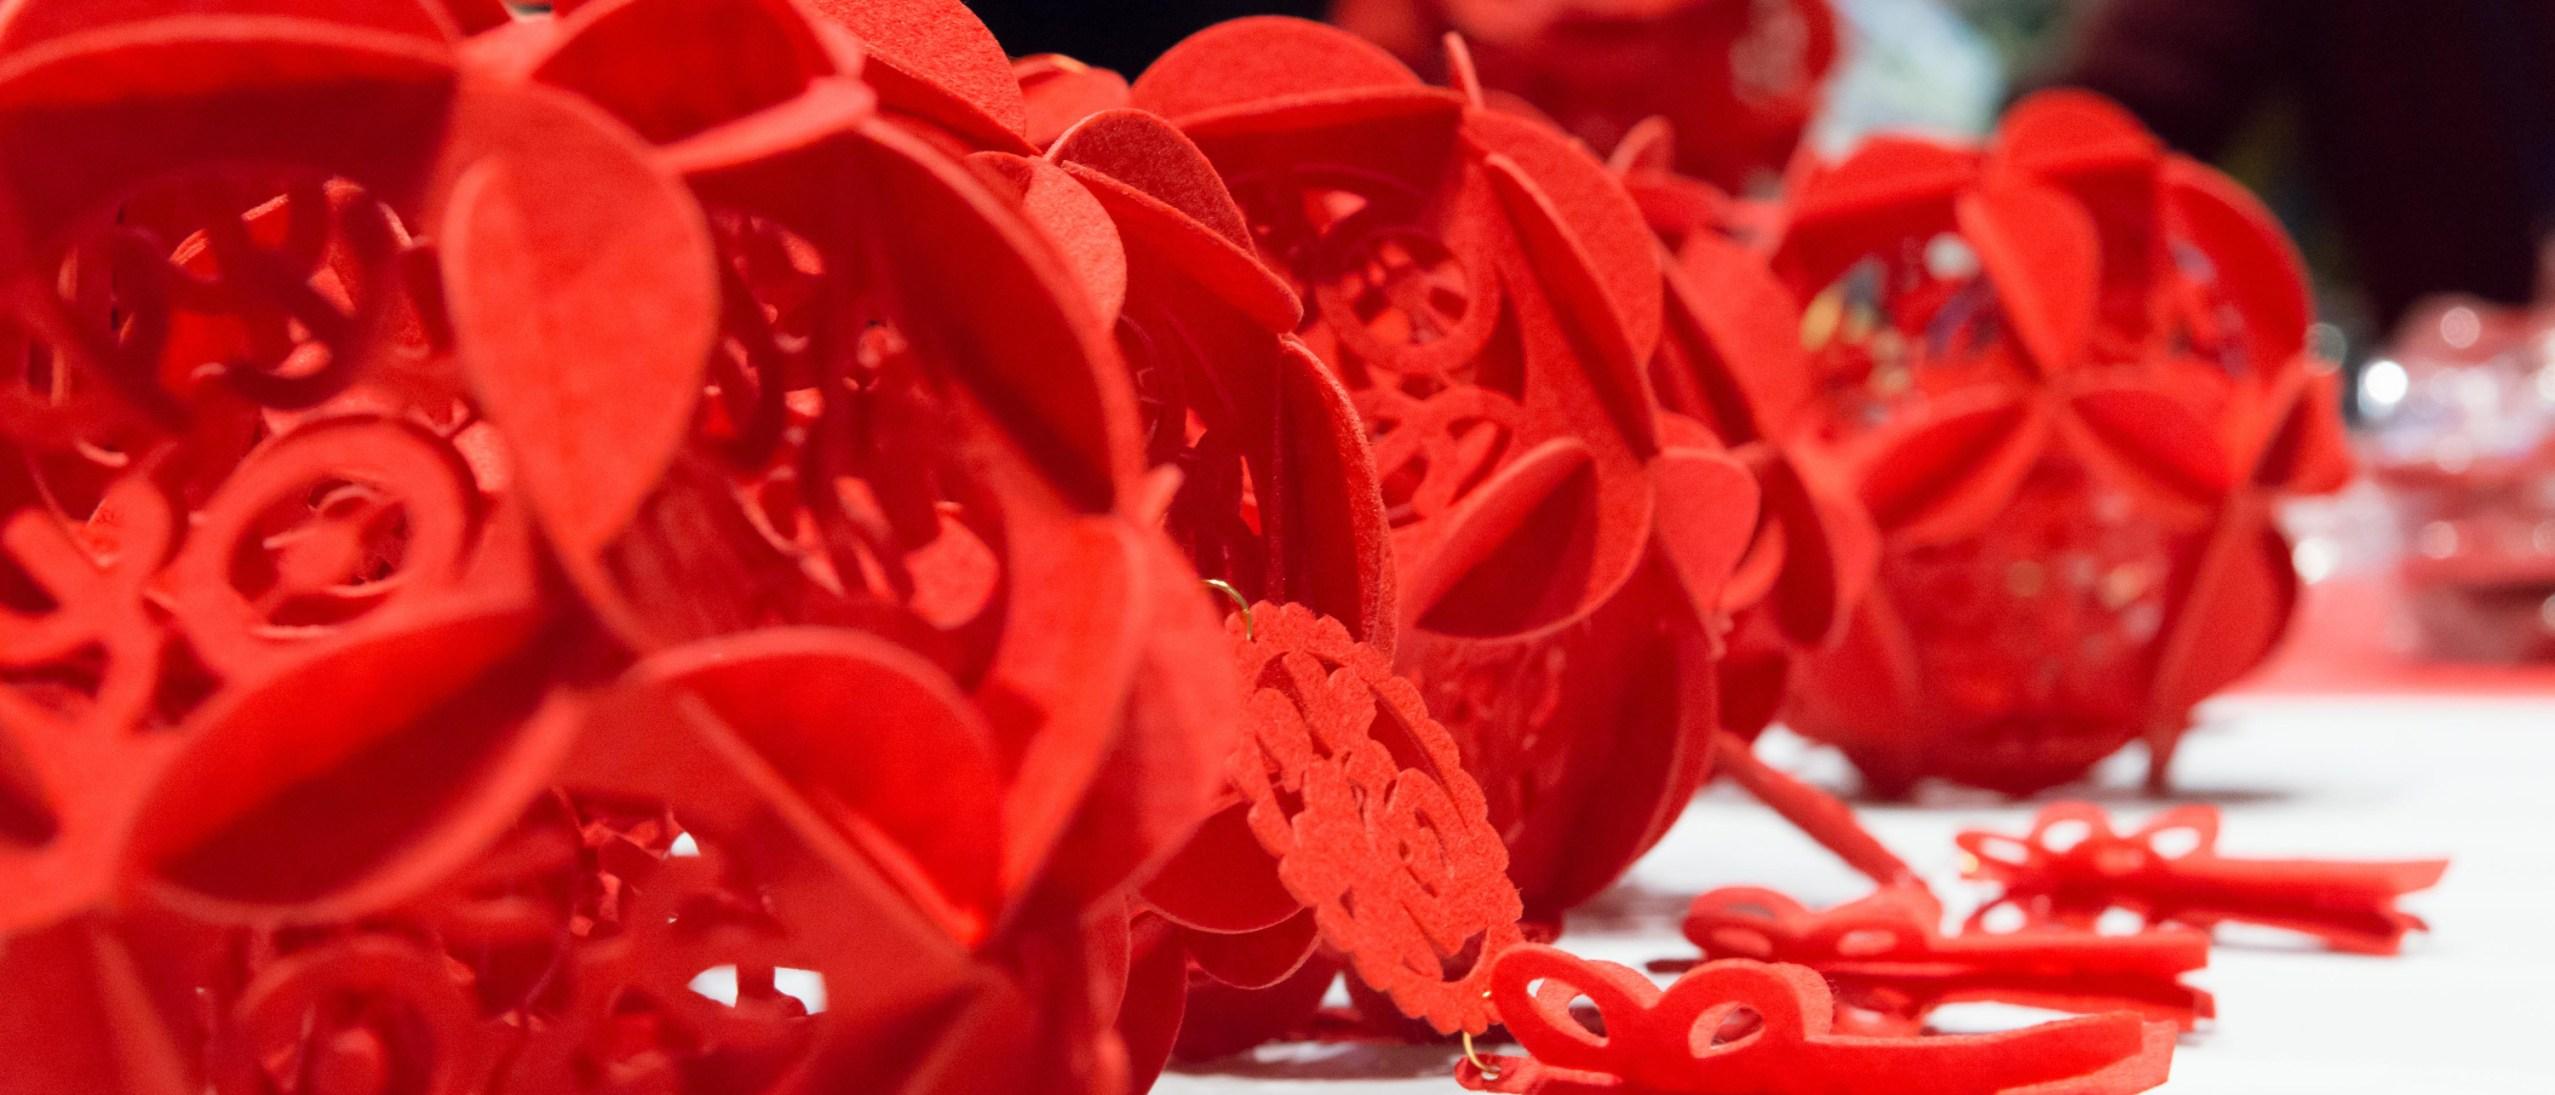 detail, red lanterns